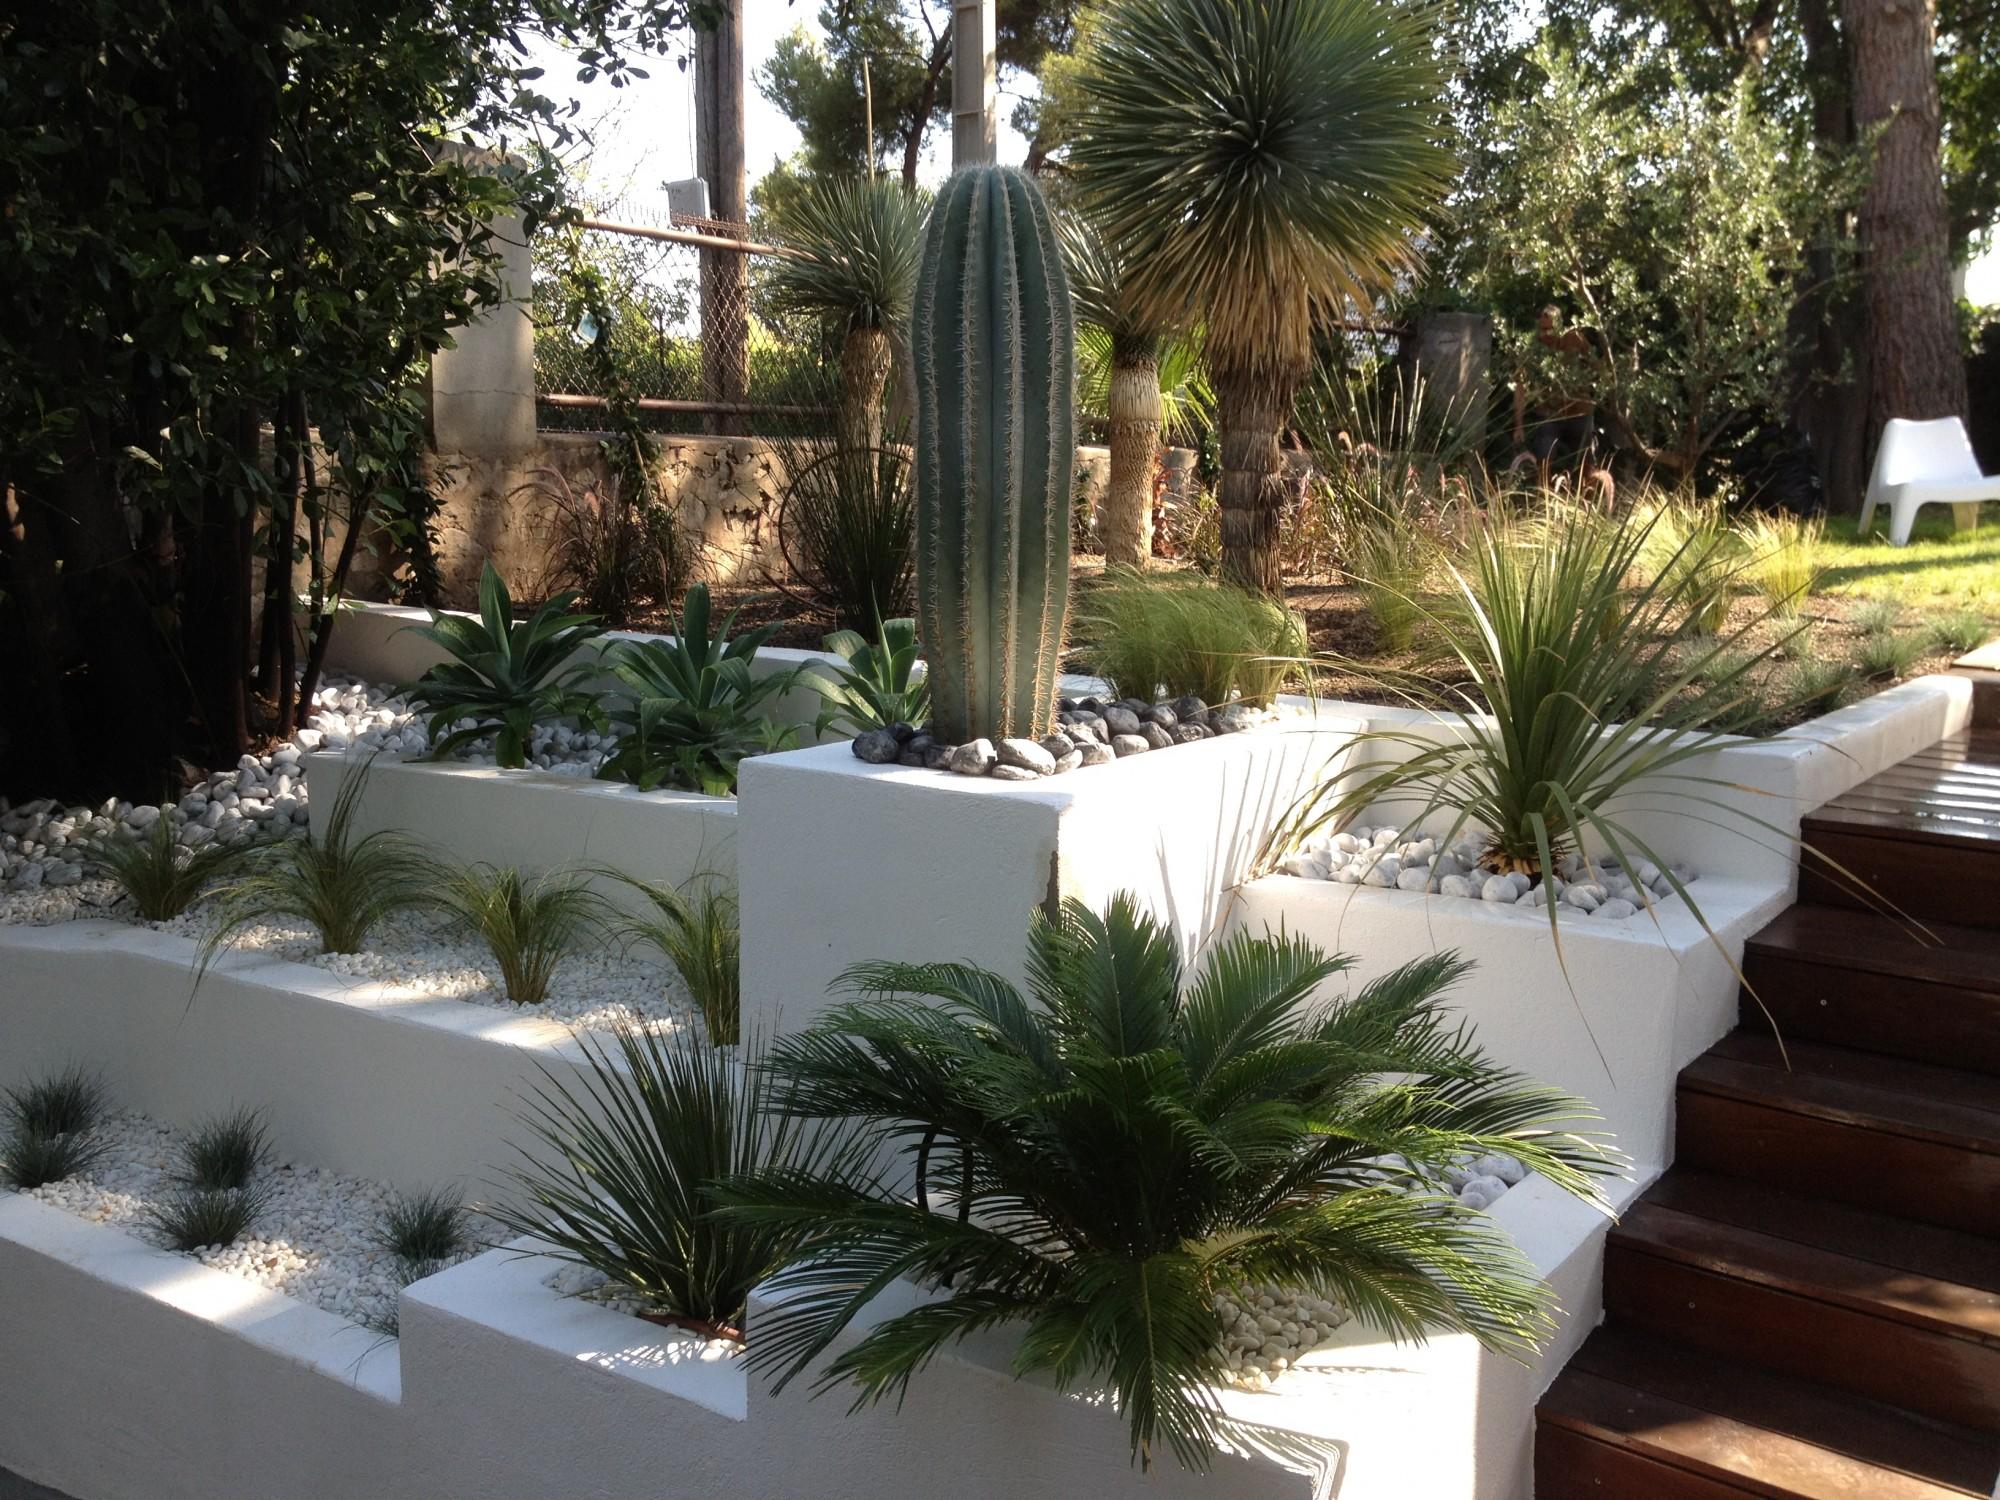 Ландшафтный дизайн участка с кактусом